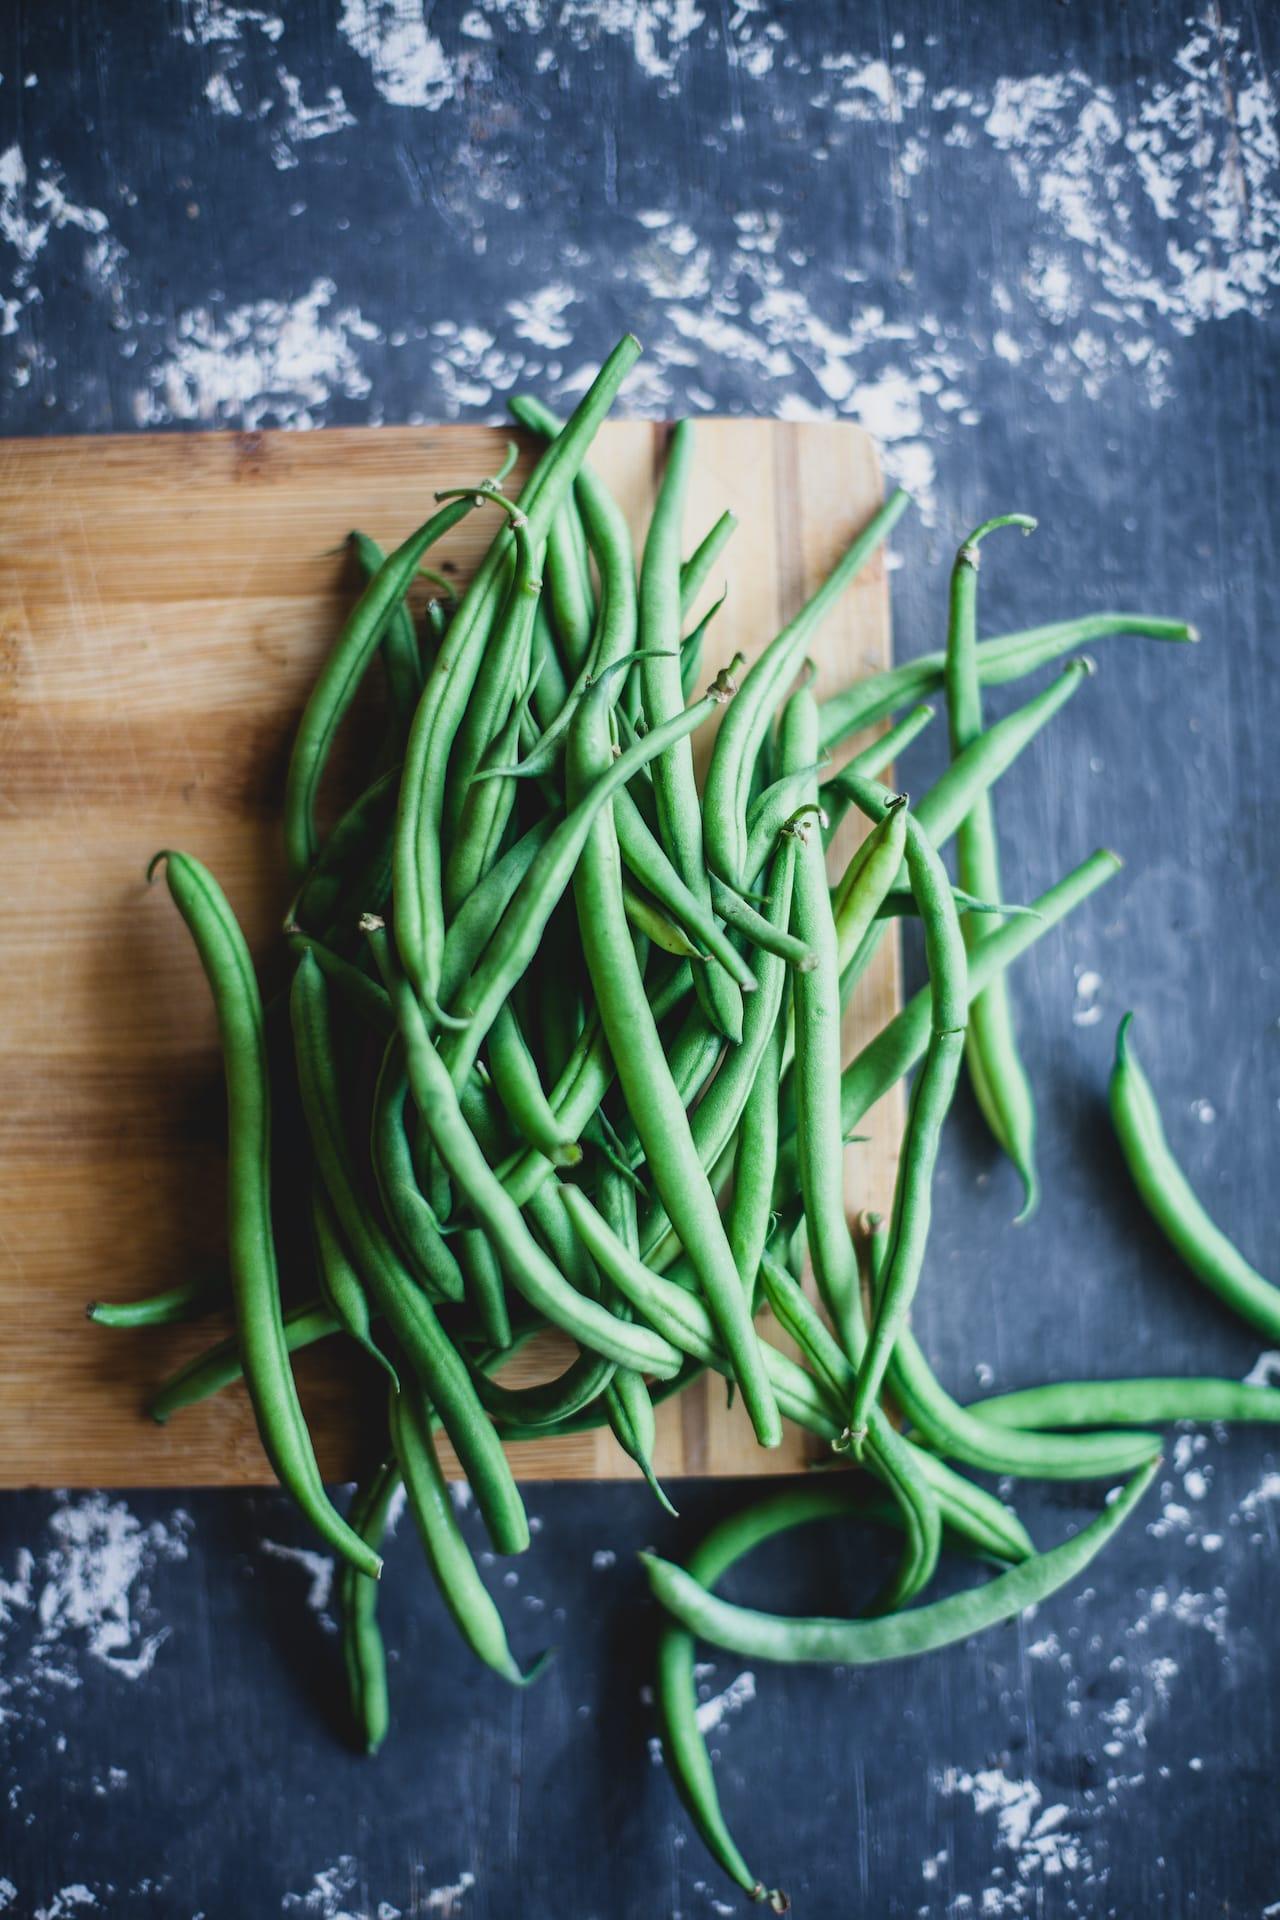 Green Beans - Photography (Kankana Saxena) Playful Cooking